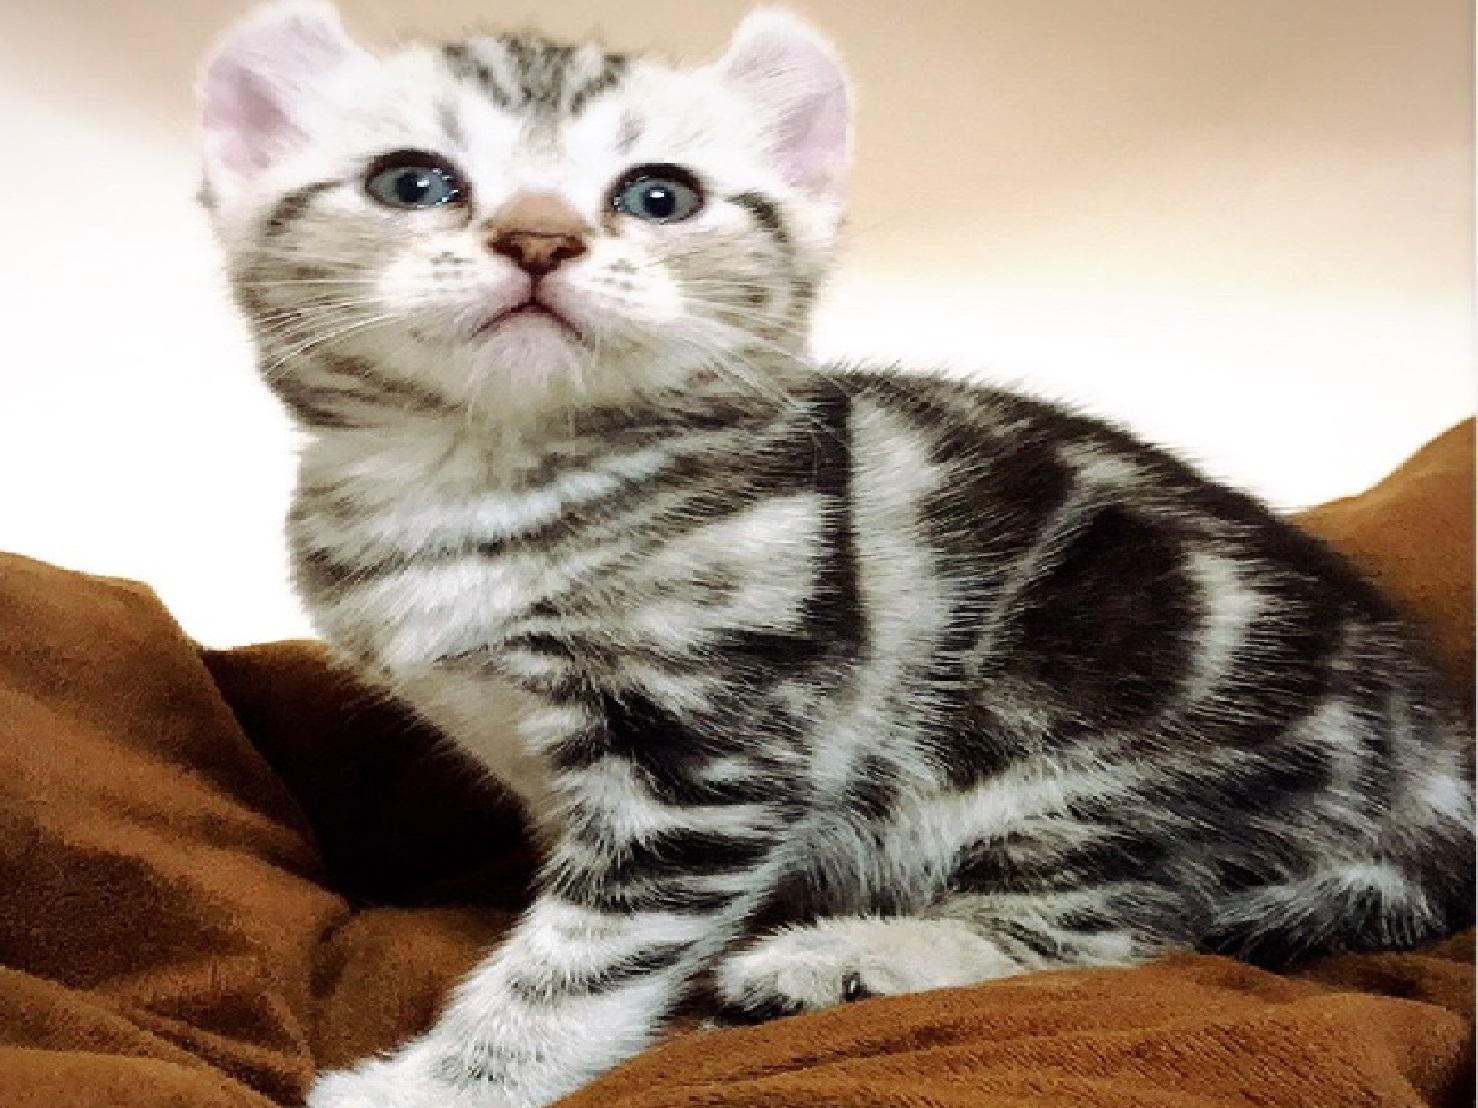 捲耳美短貓